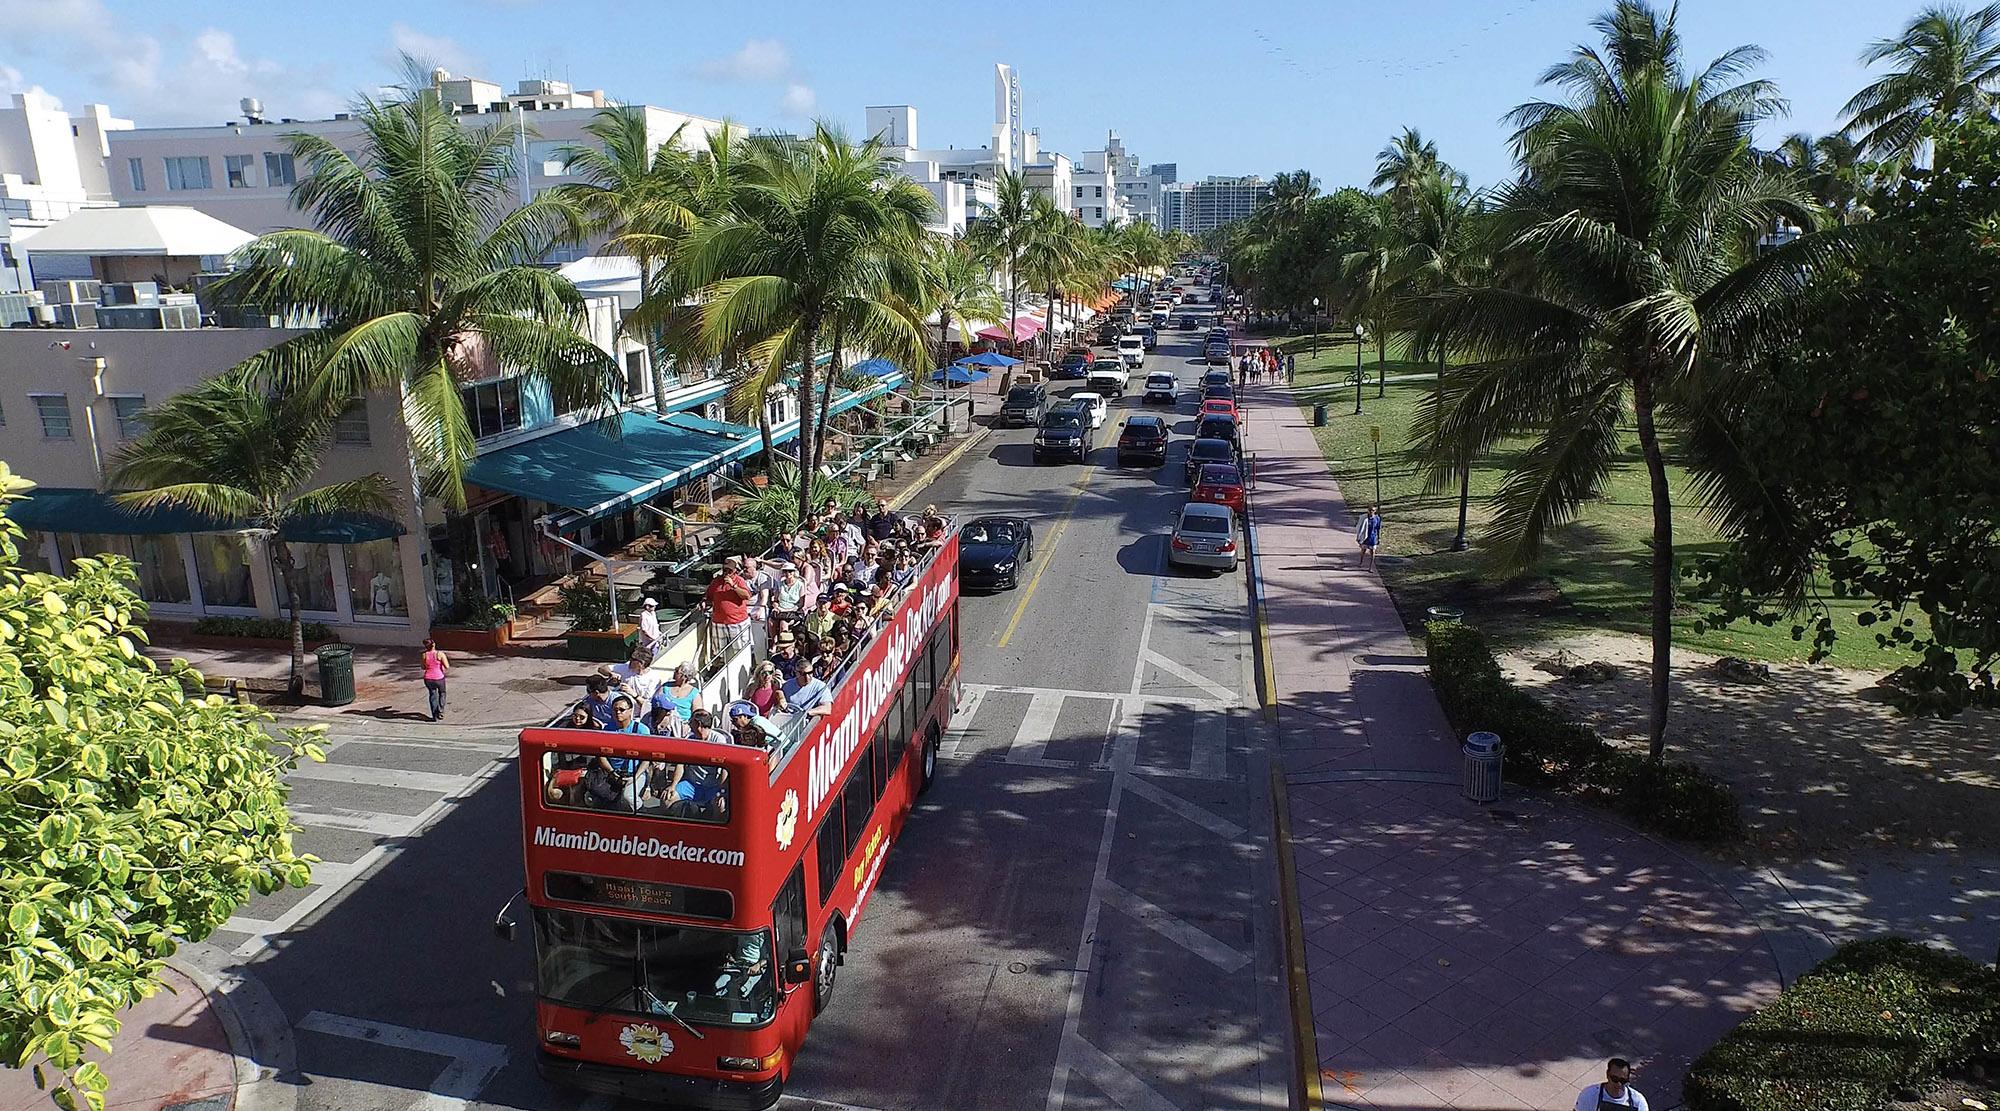 miami-double-decker-tour-of-miami-beach-2.jpg